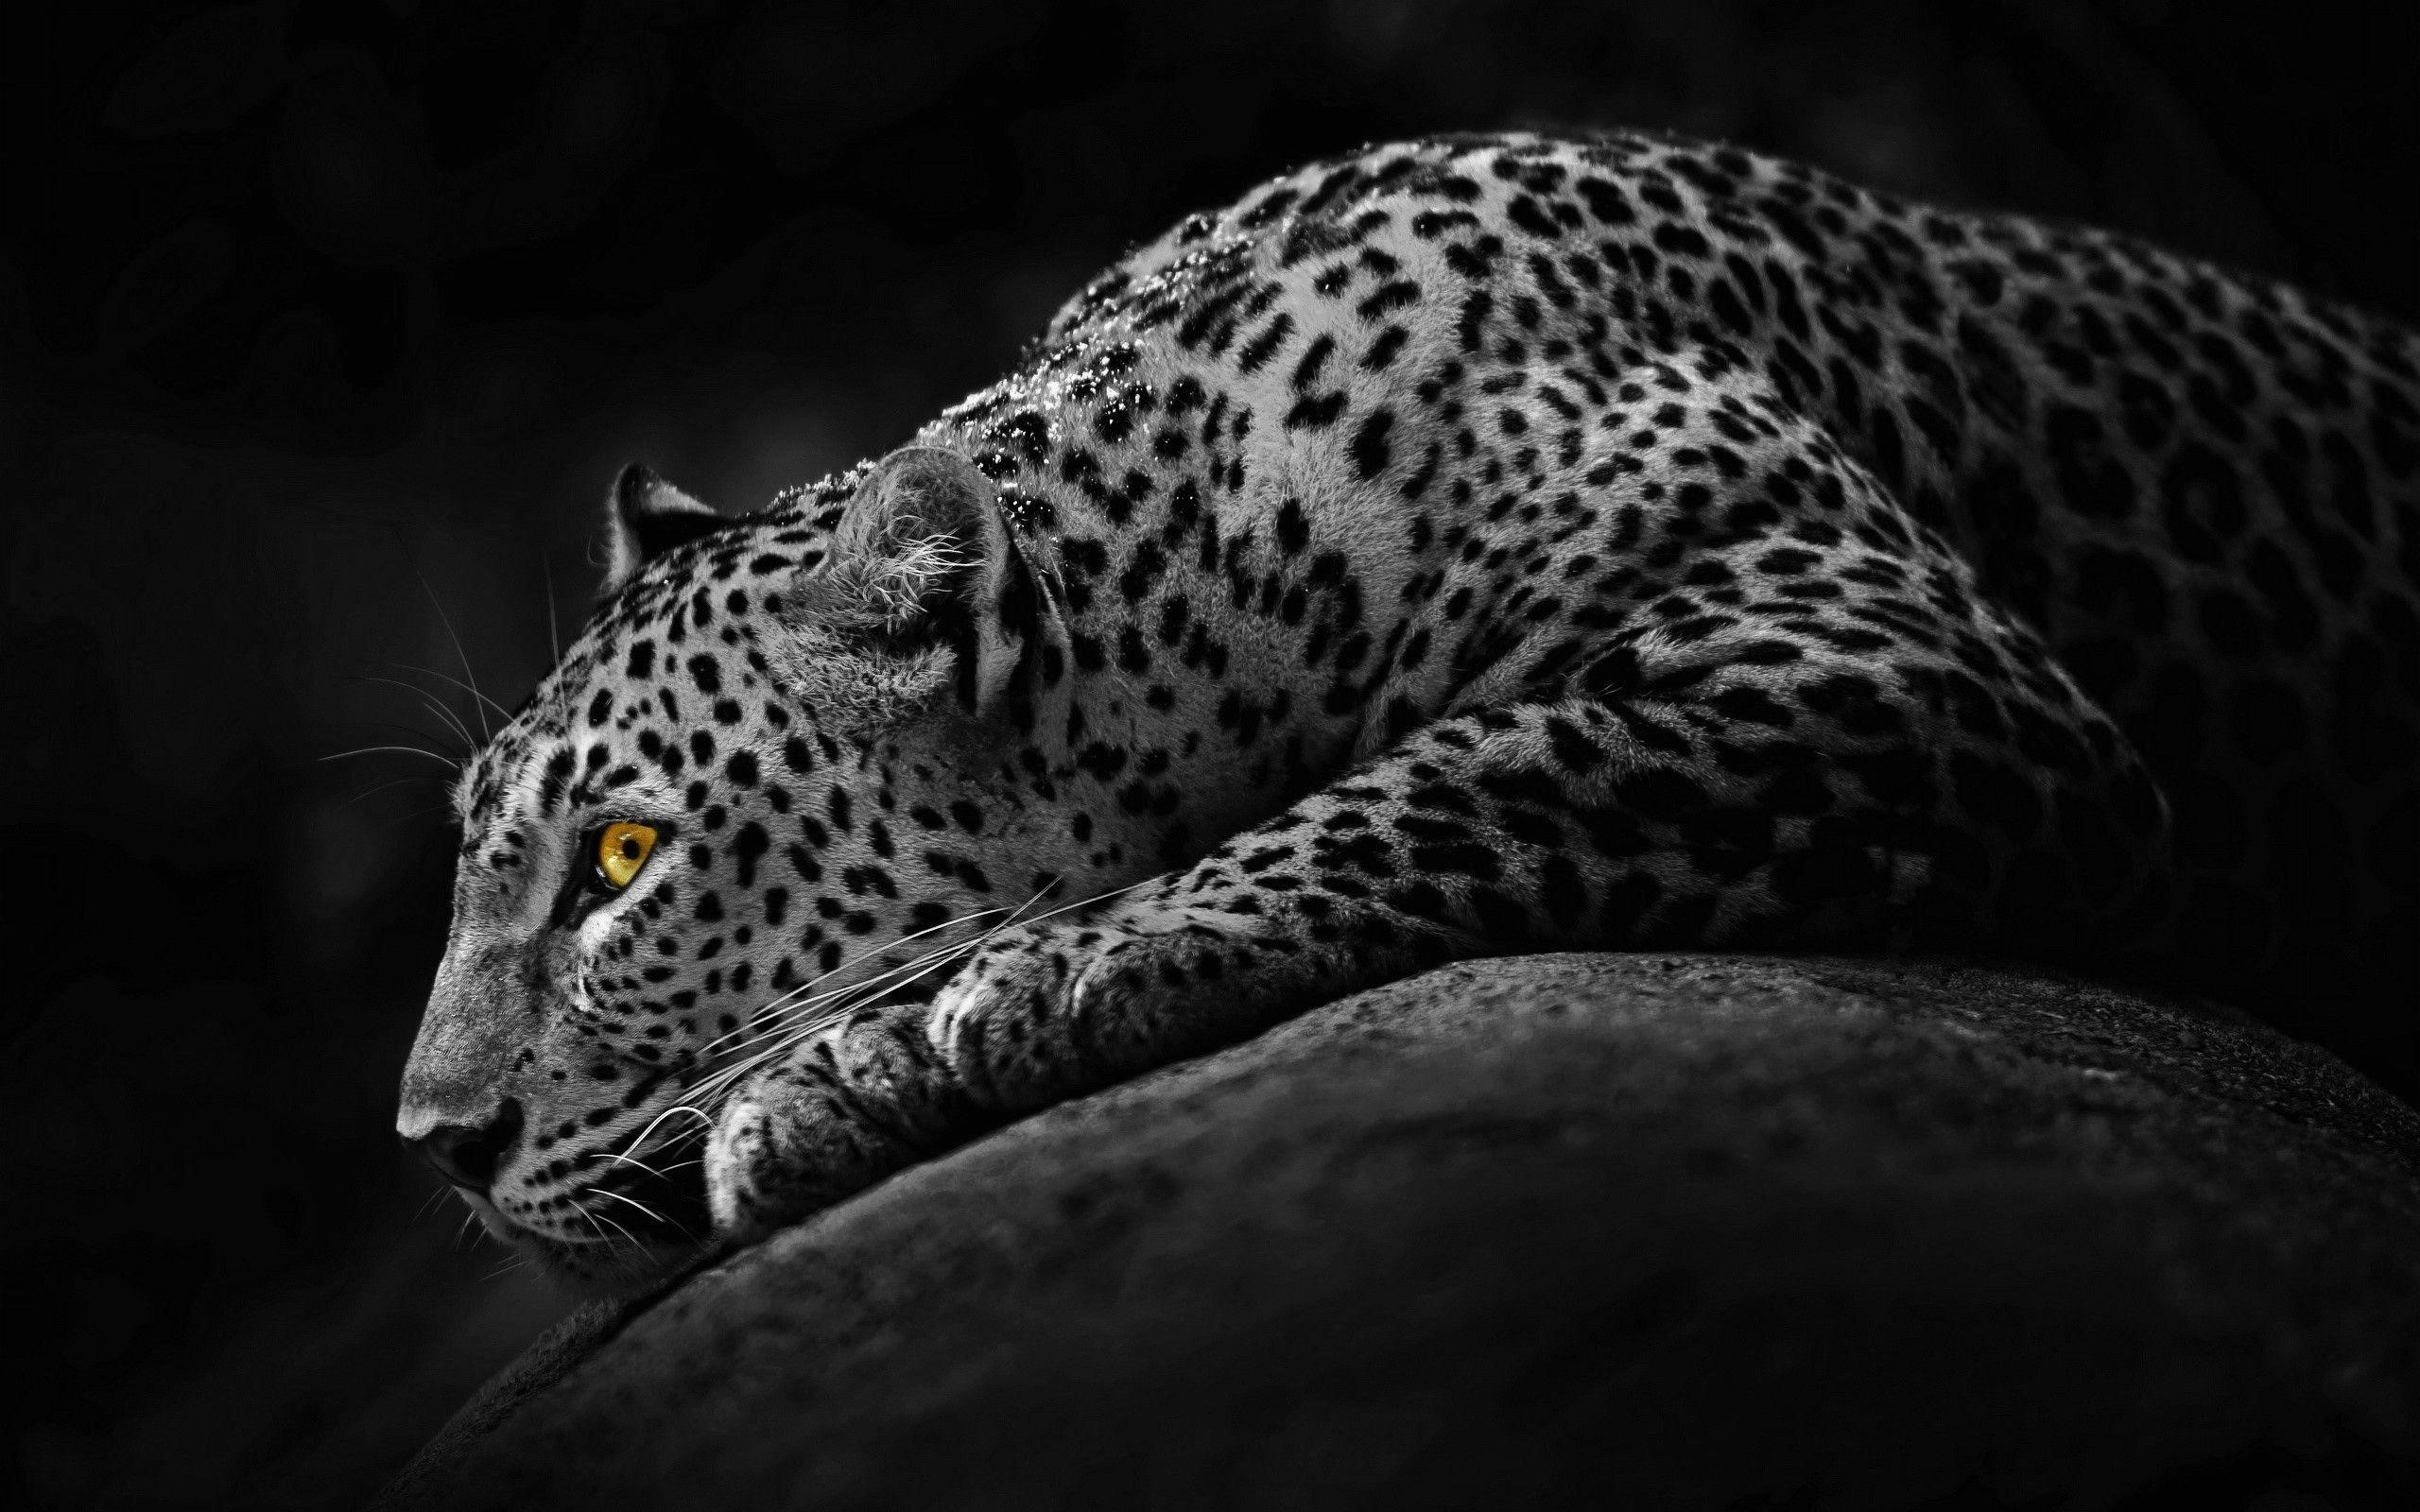 Jaguar Photo